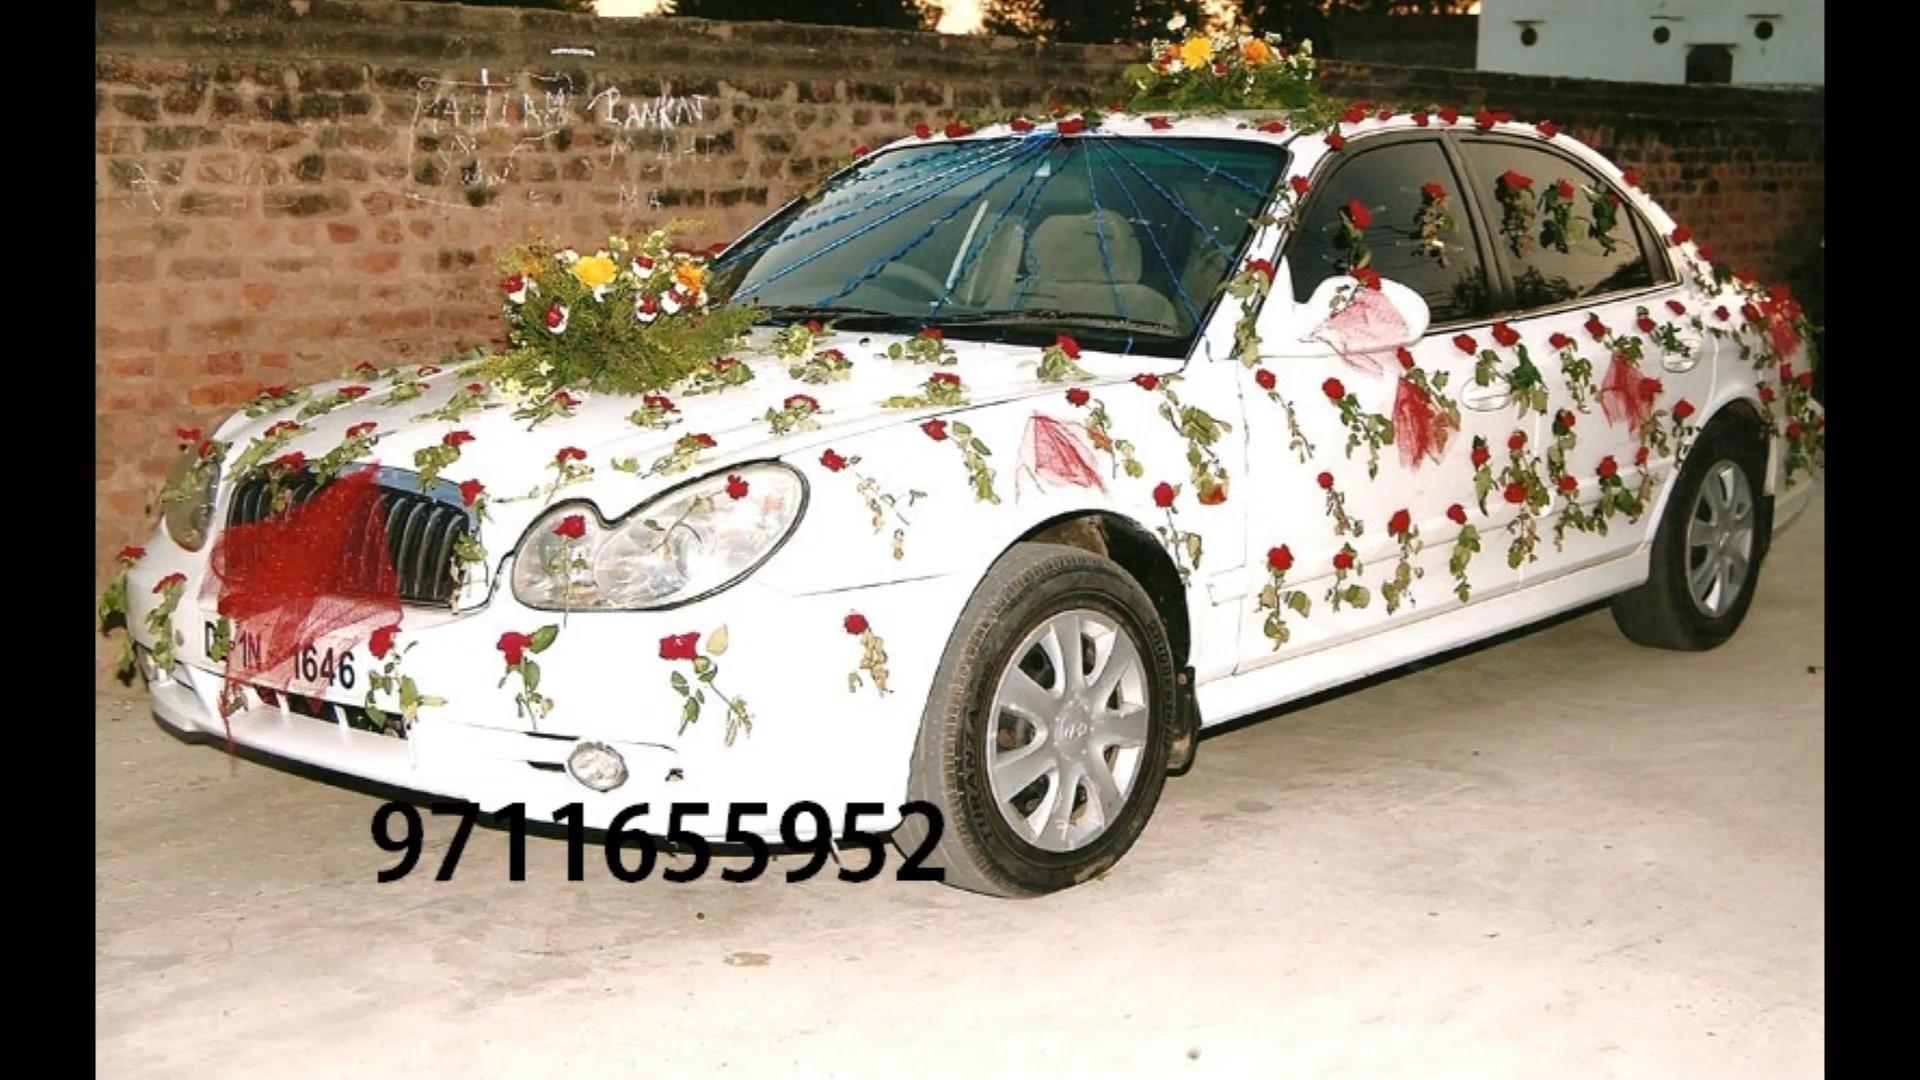 Video Wedding Car Decoration In Bangalore 9711655952 Di 2021 Mobil Pernikahan